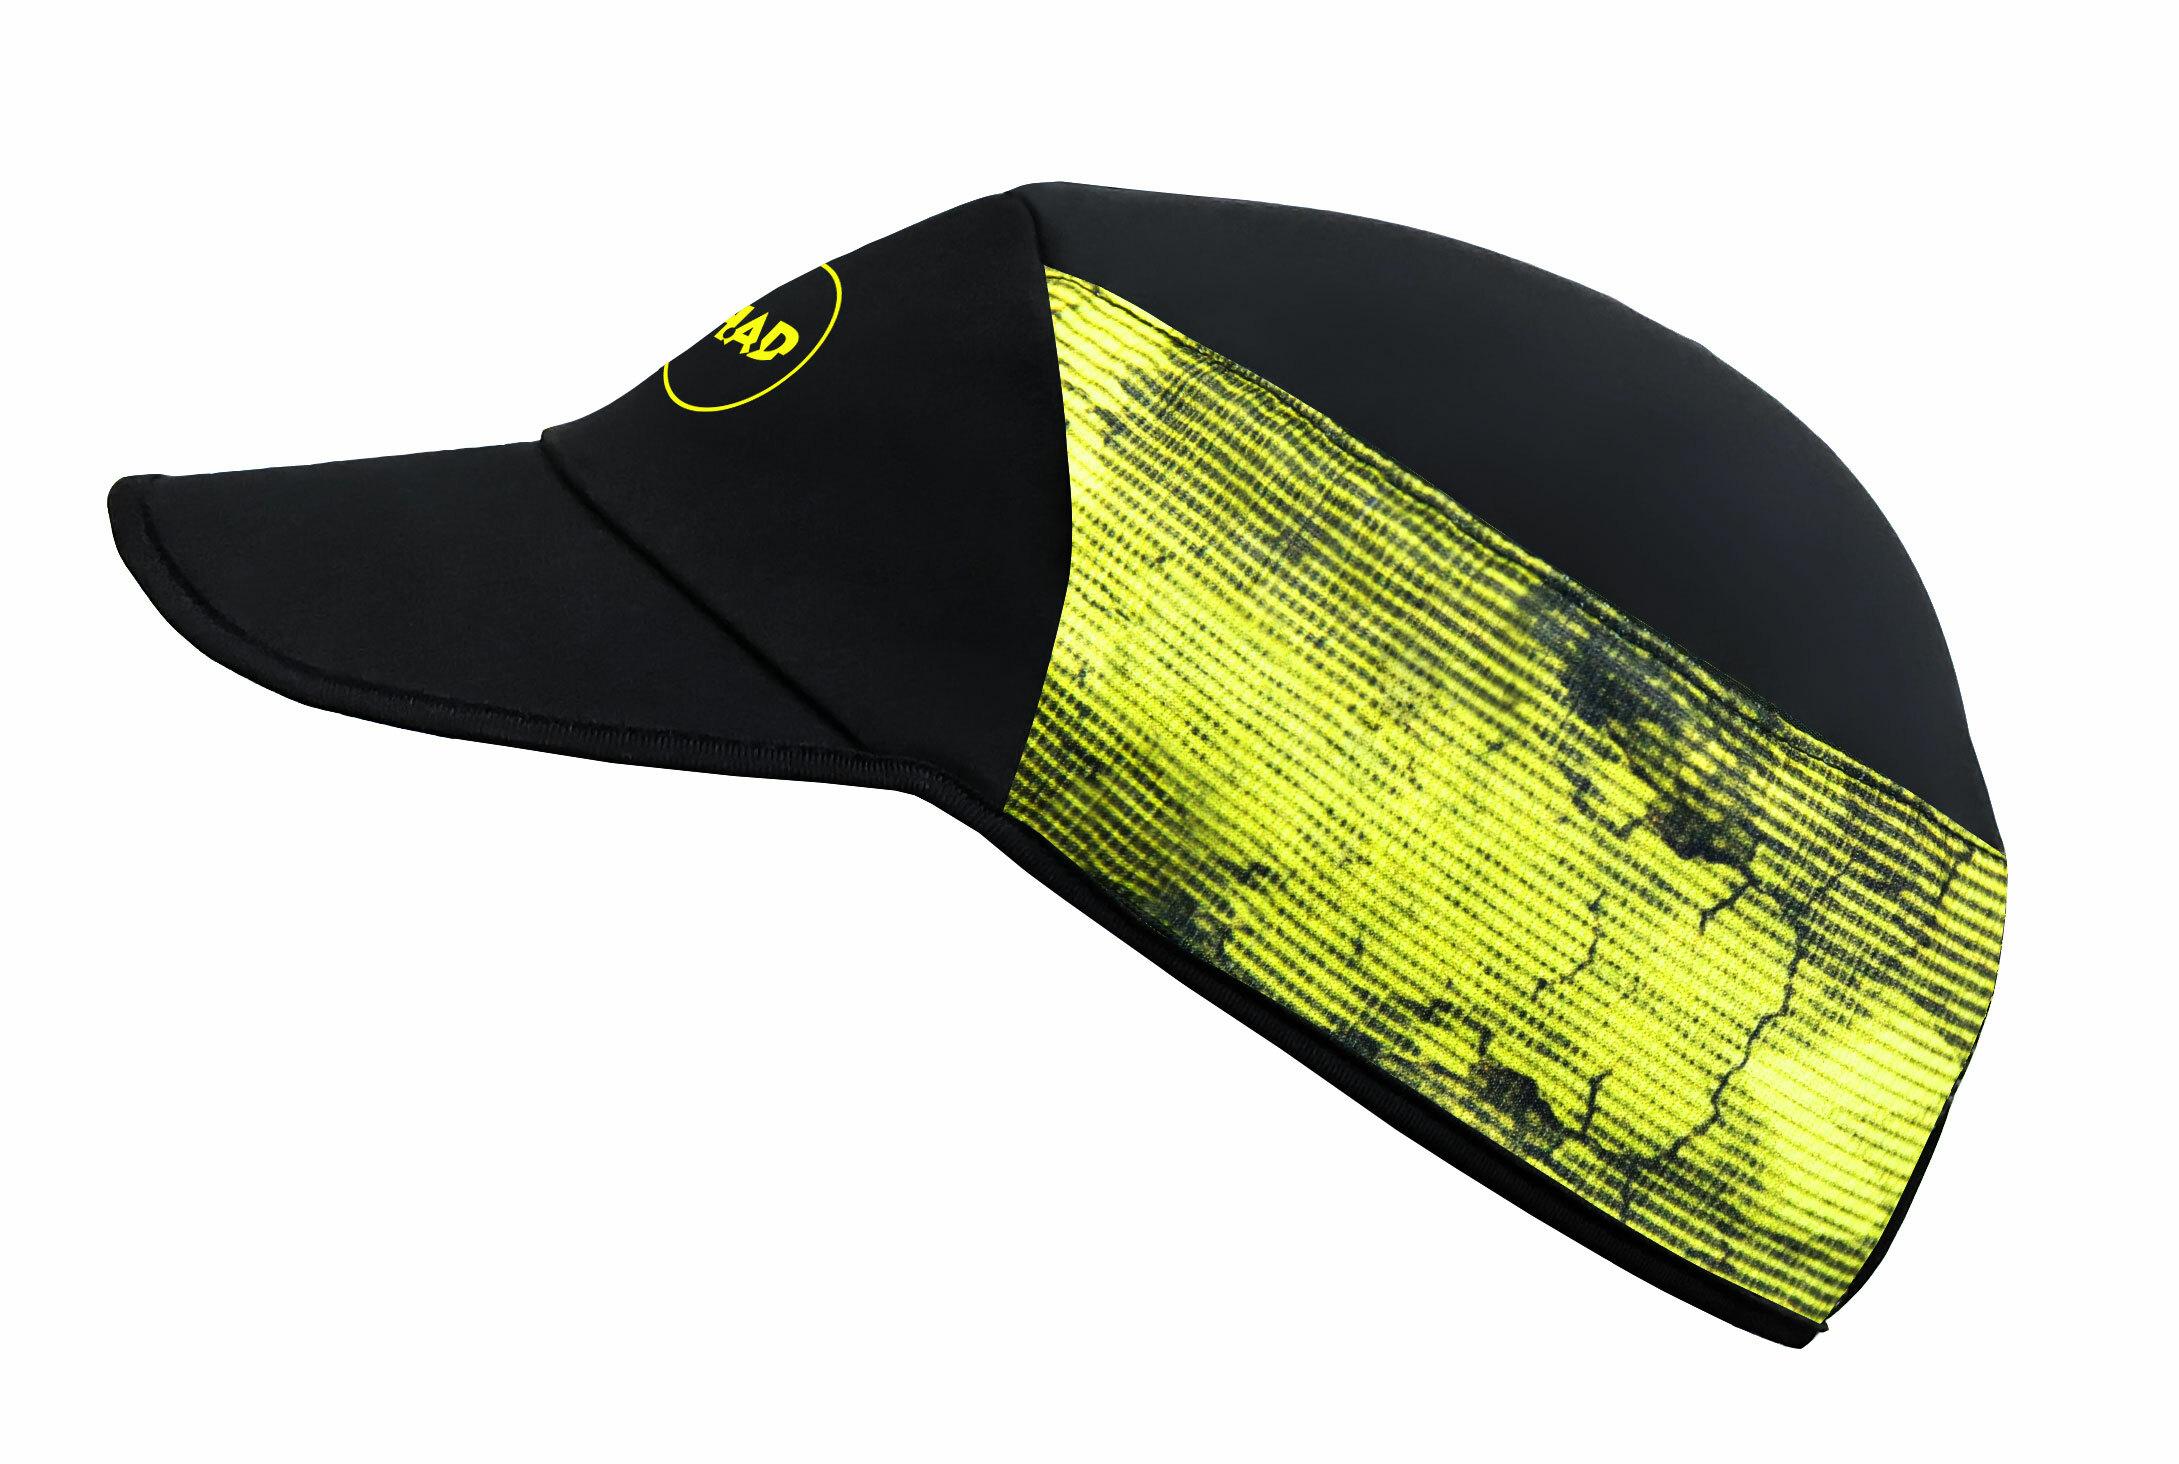 H.A.D. / Ultralight Cap - Yellow Crush